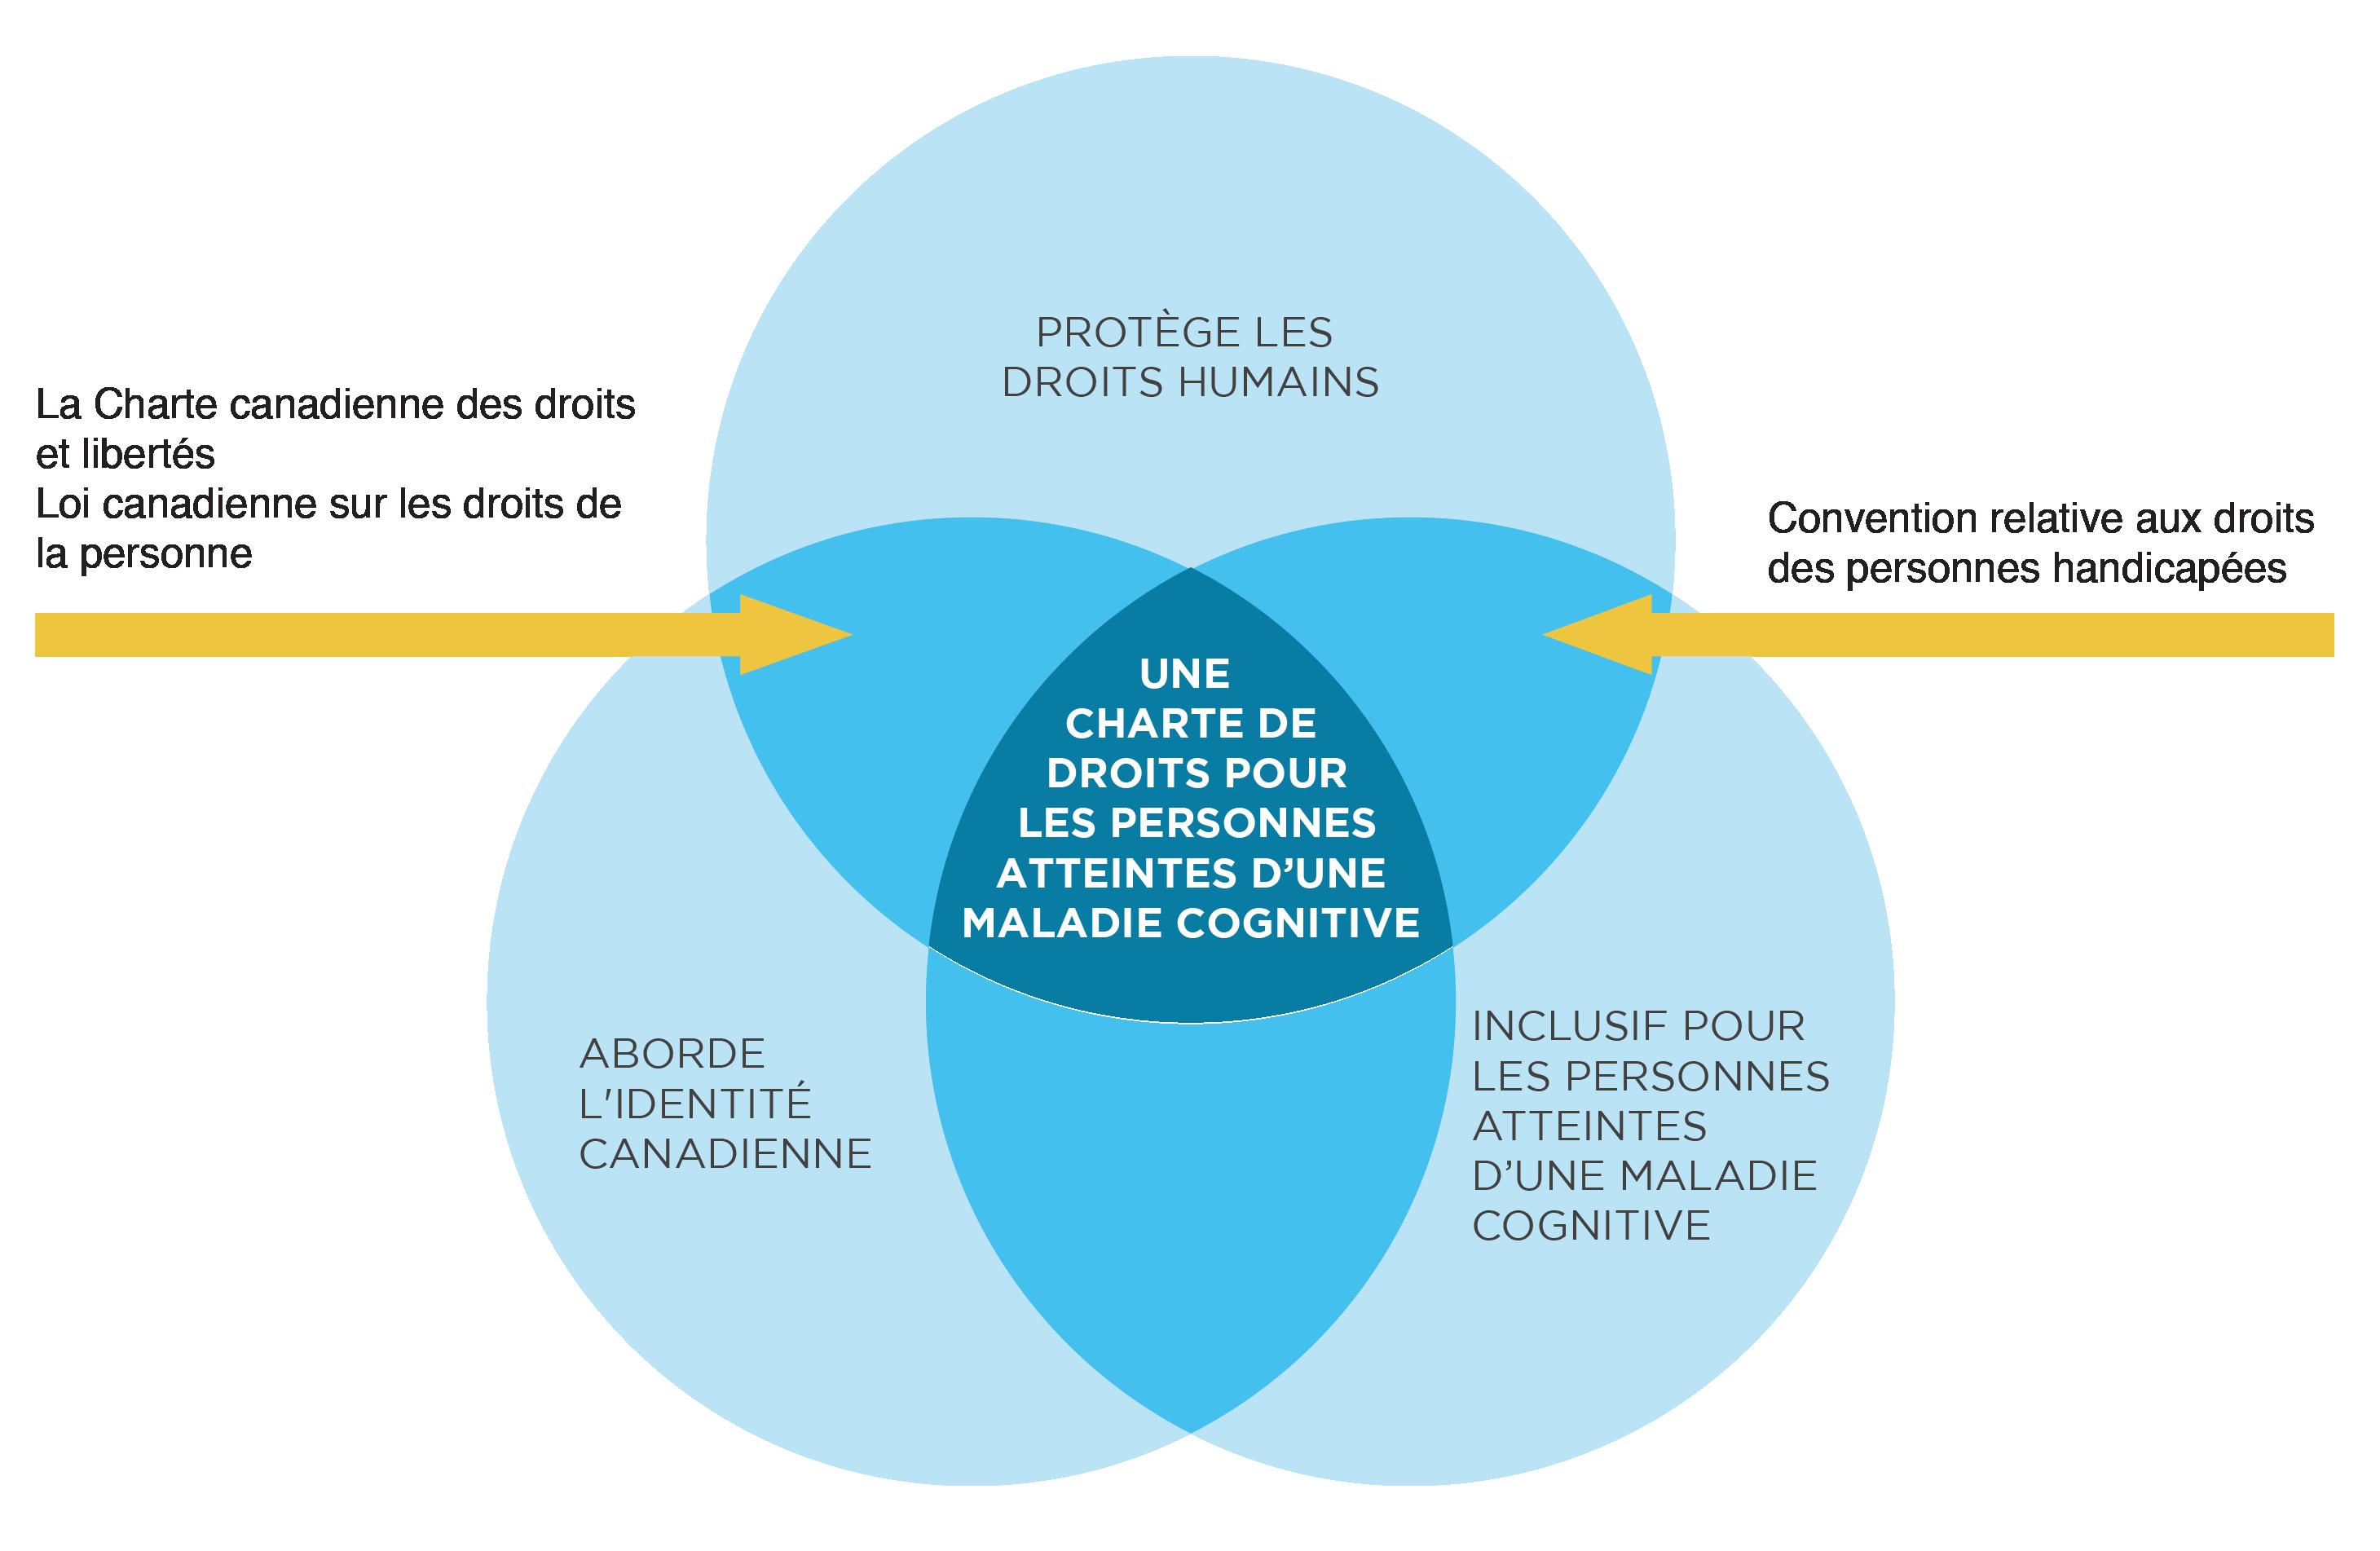 Un diagramme des droits de la personne et de la maladie cognitive au Canada.